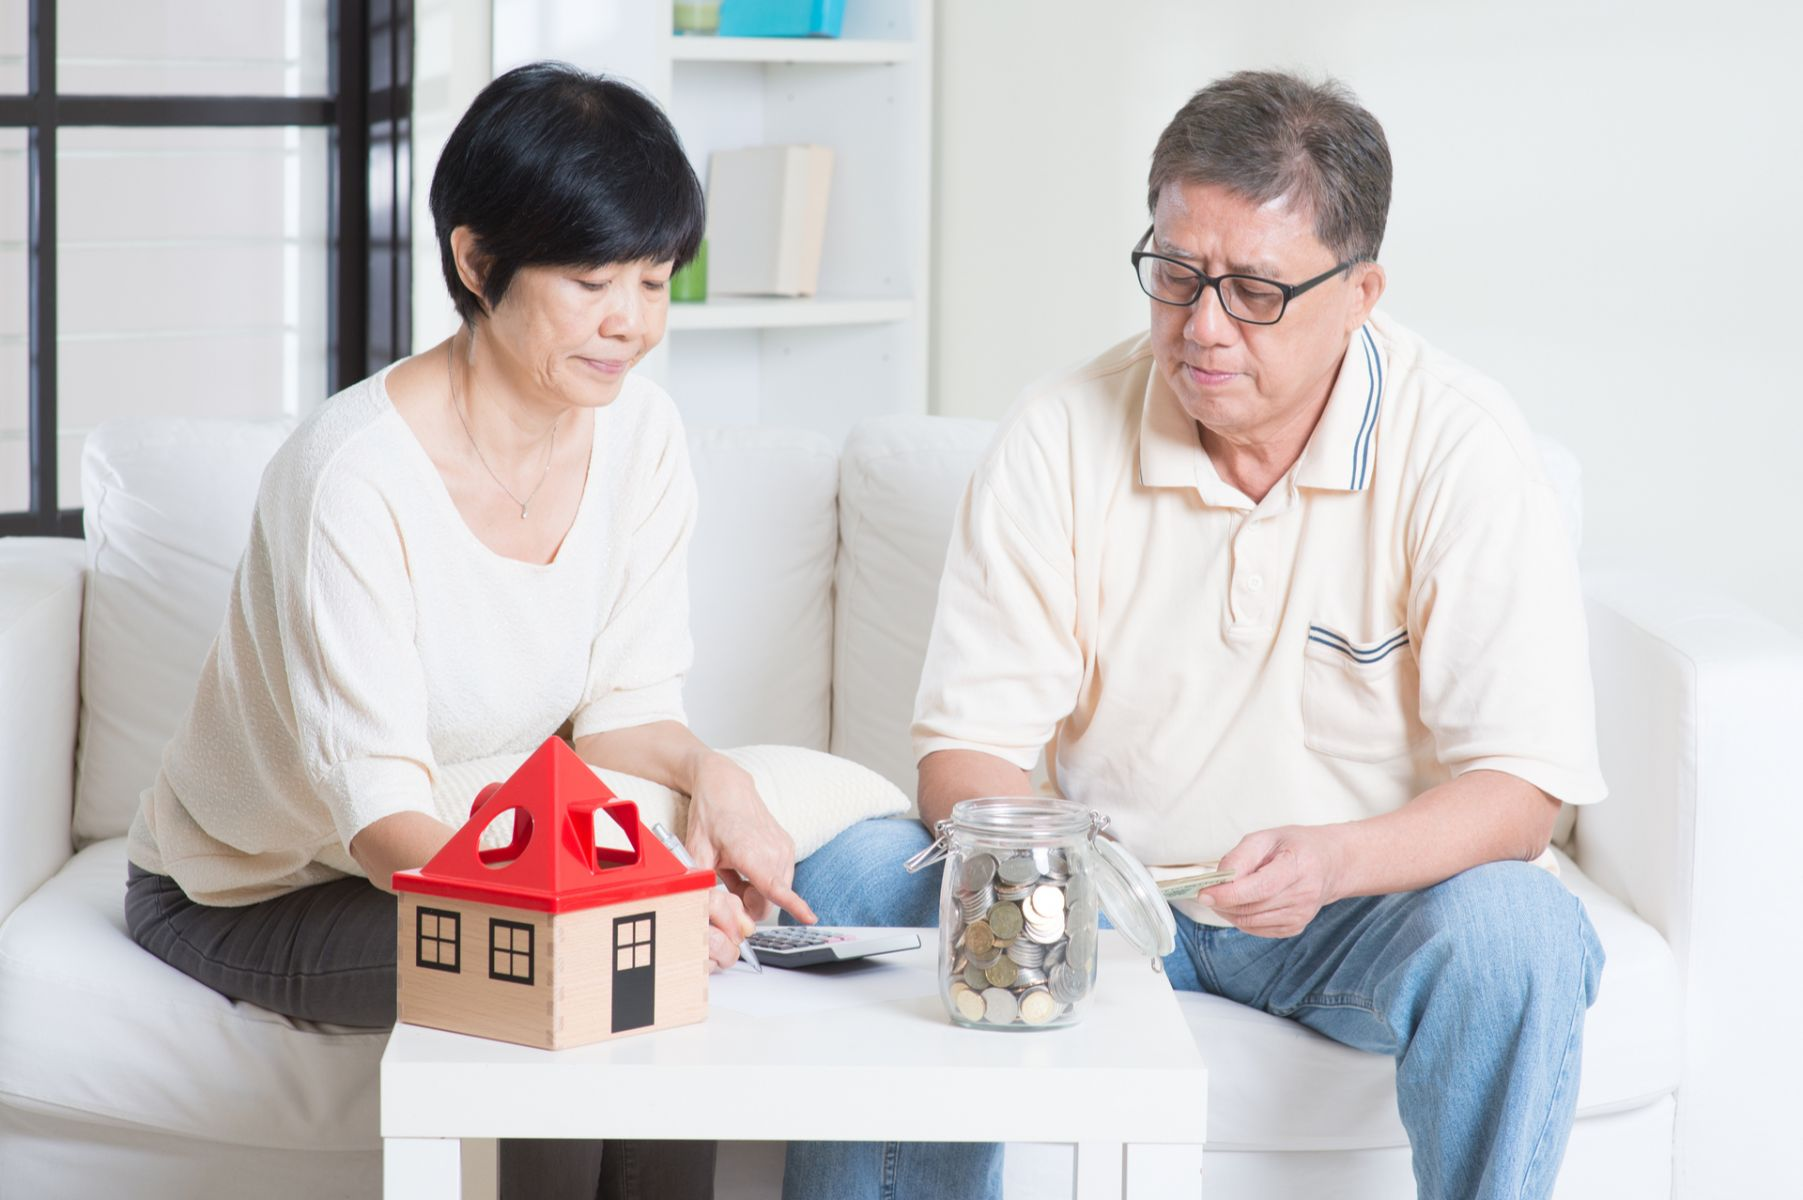 破除退休理財迷思、提早準備退休 就能不靠子女安心變老